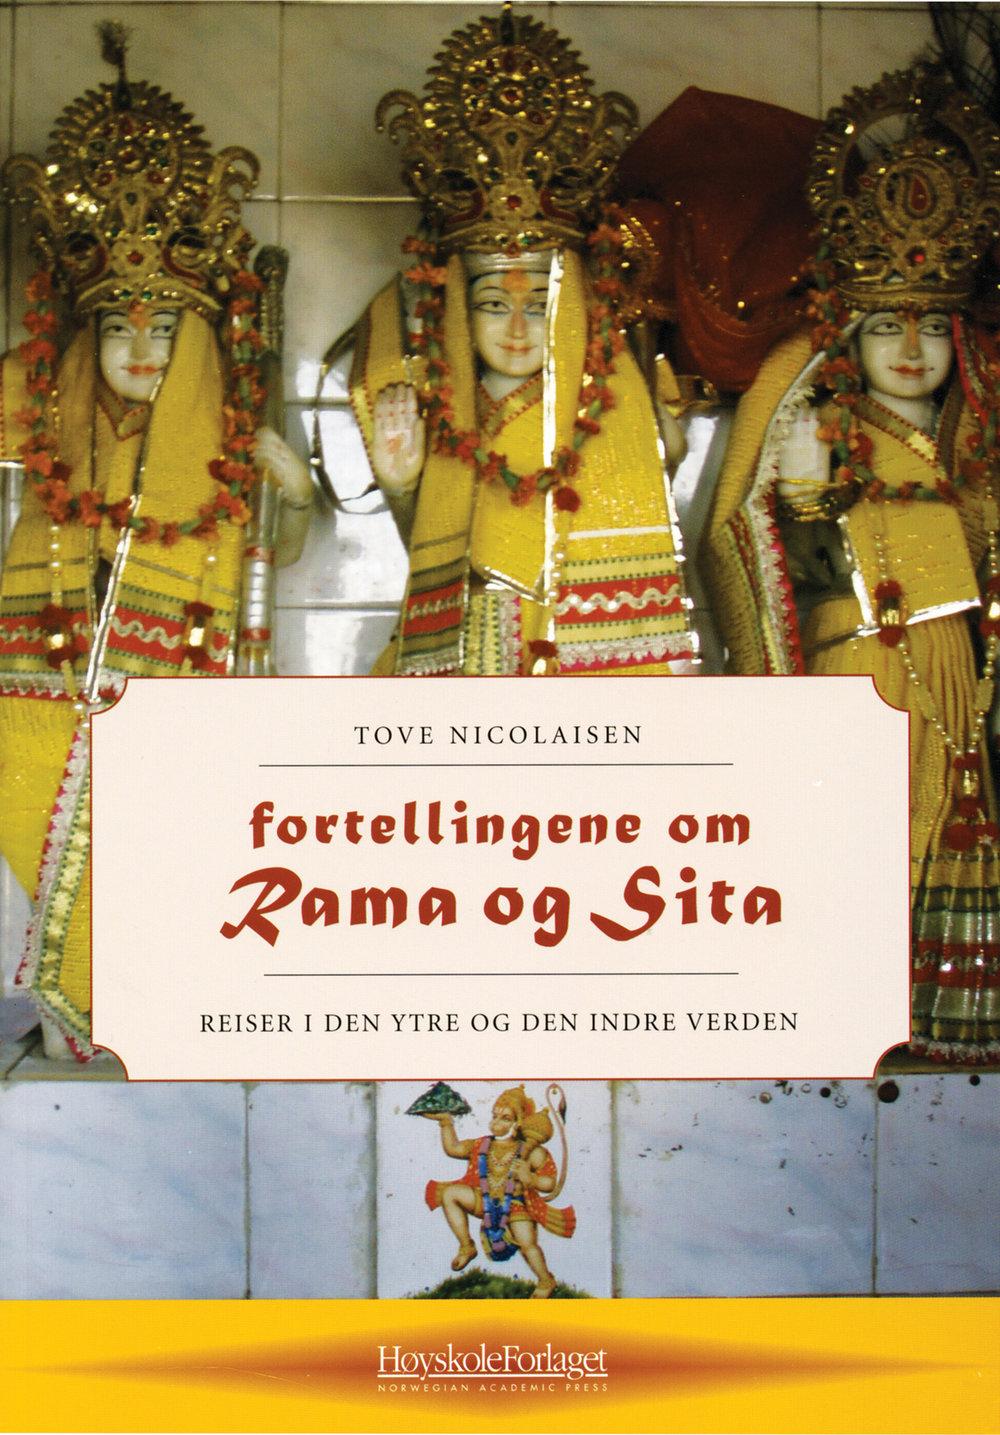 Tove Nicolaisen omtaler  Fortellingene om Rama og Sita  som en bok som har betydd veldig mye for henne.